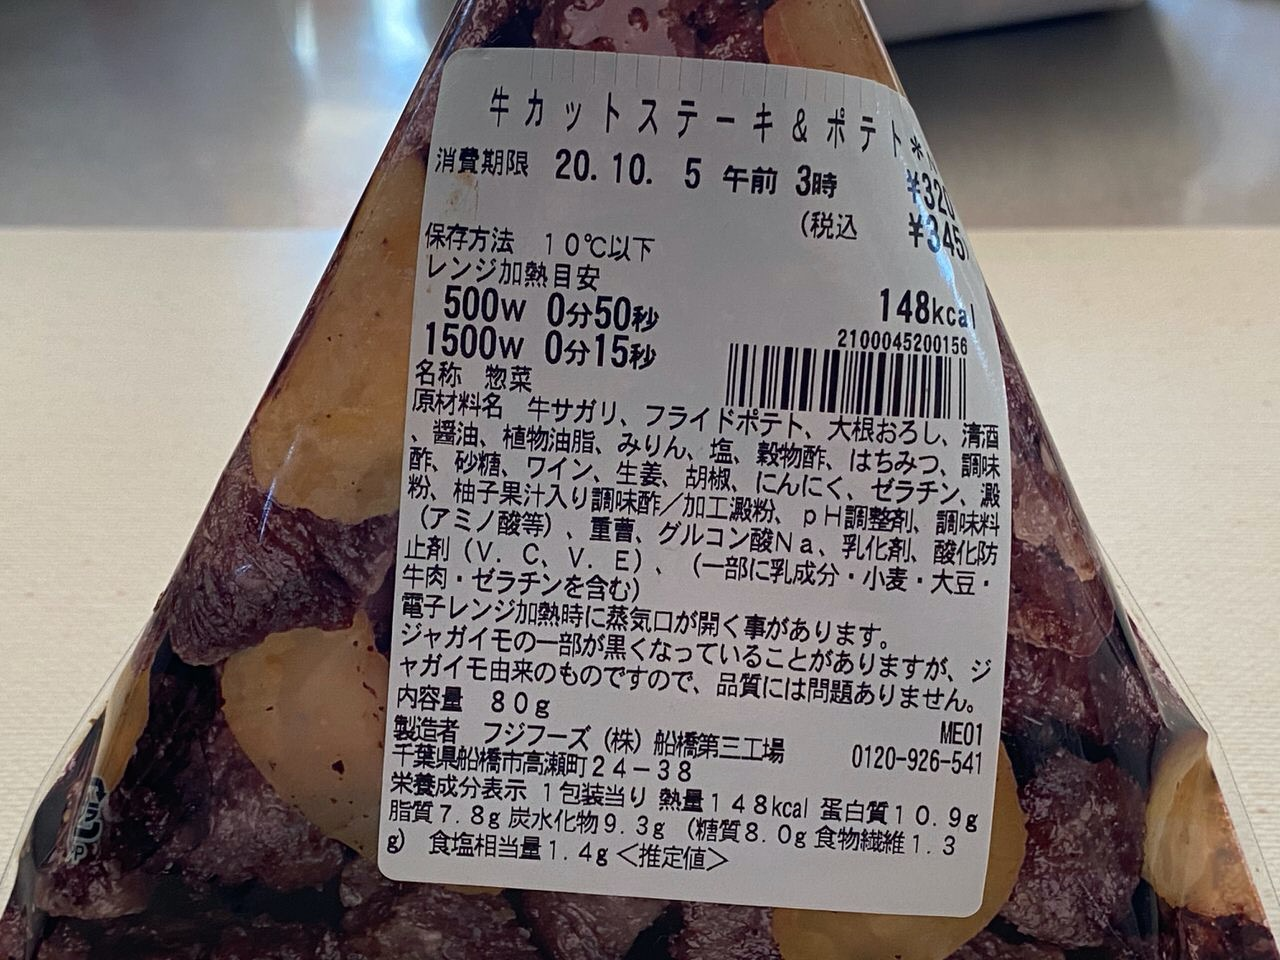 【セブンイレブン】肉を食べたくなったときにサガリ肉の「牛カットステーキ&ポテト」がお手軽で良いぜ!